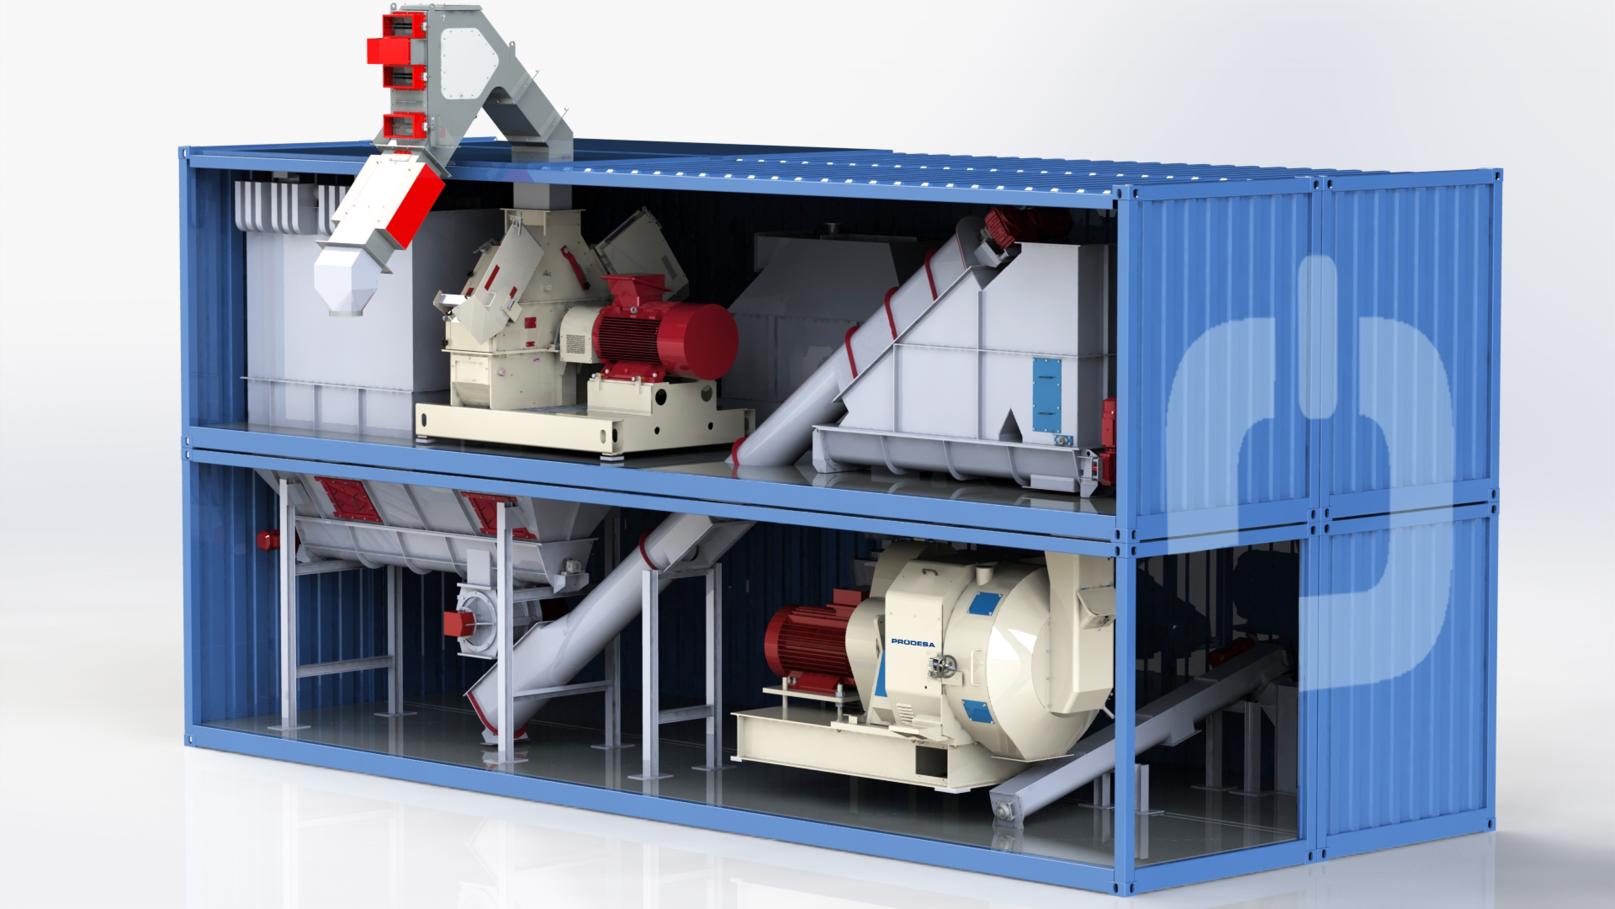 Impianto mobile per la produzione di pellet in contenitori marittimi con produzione 5 t / h